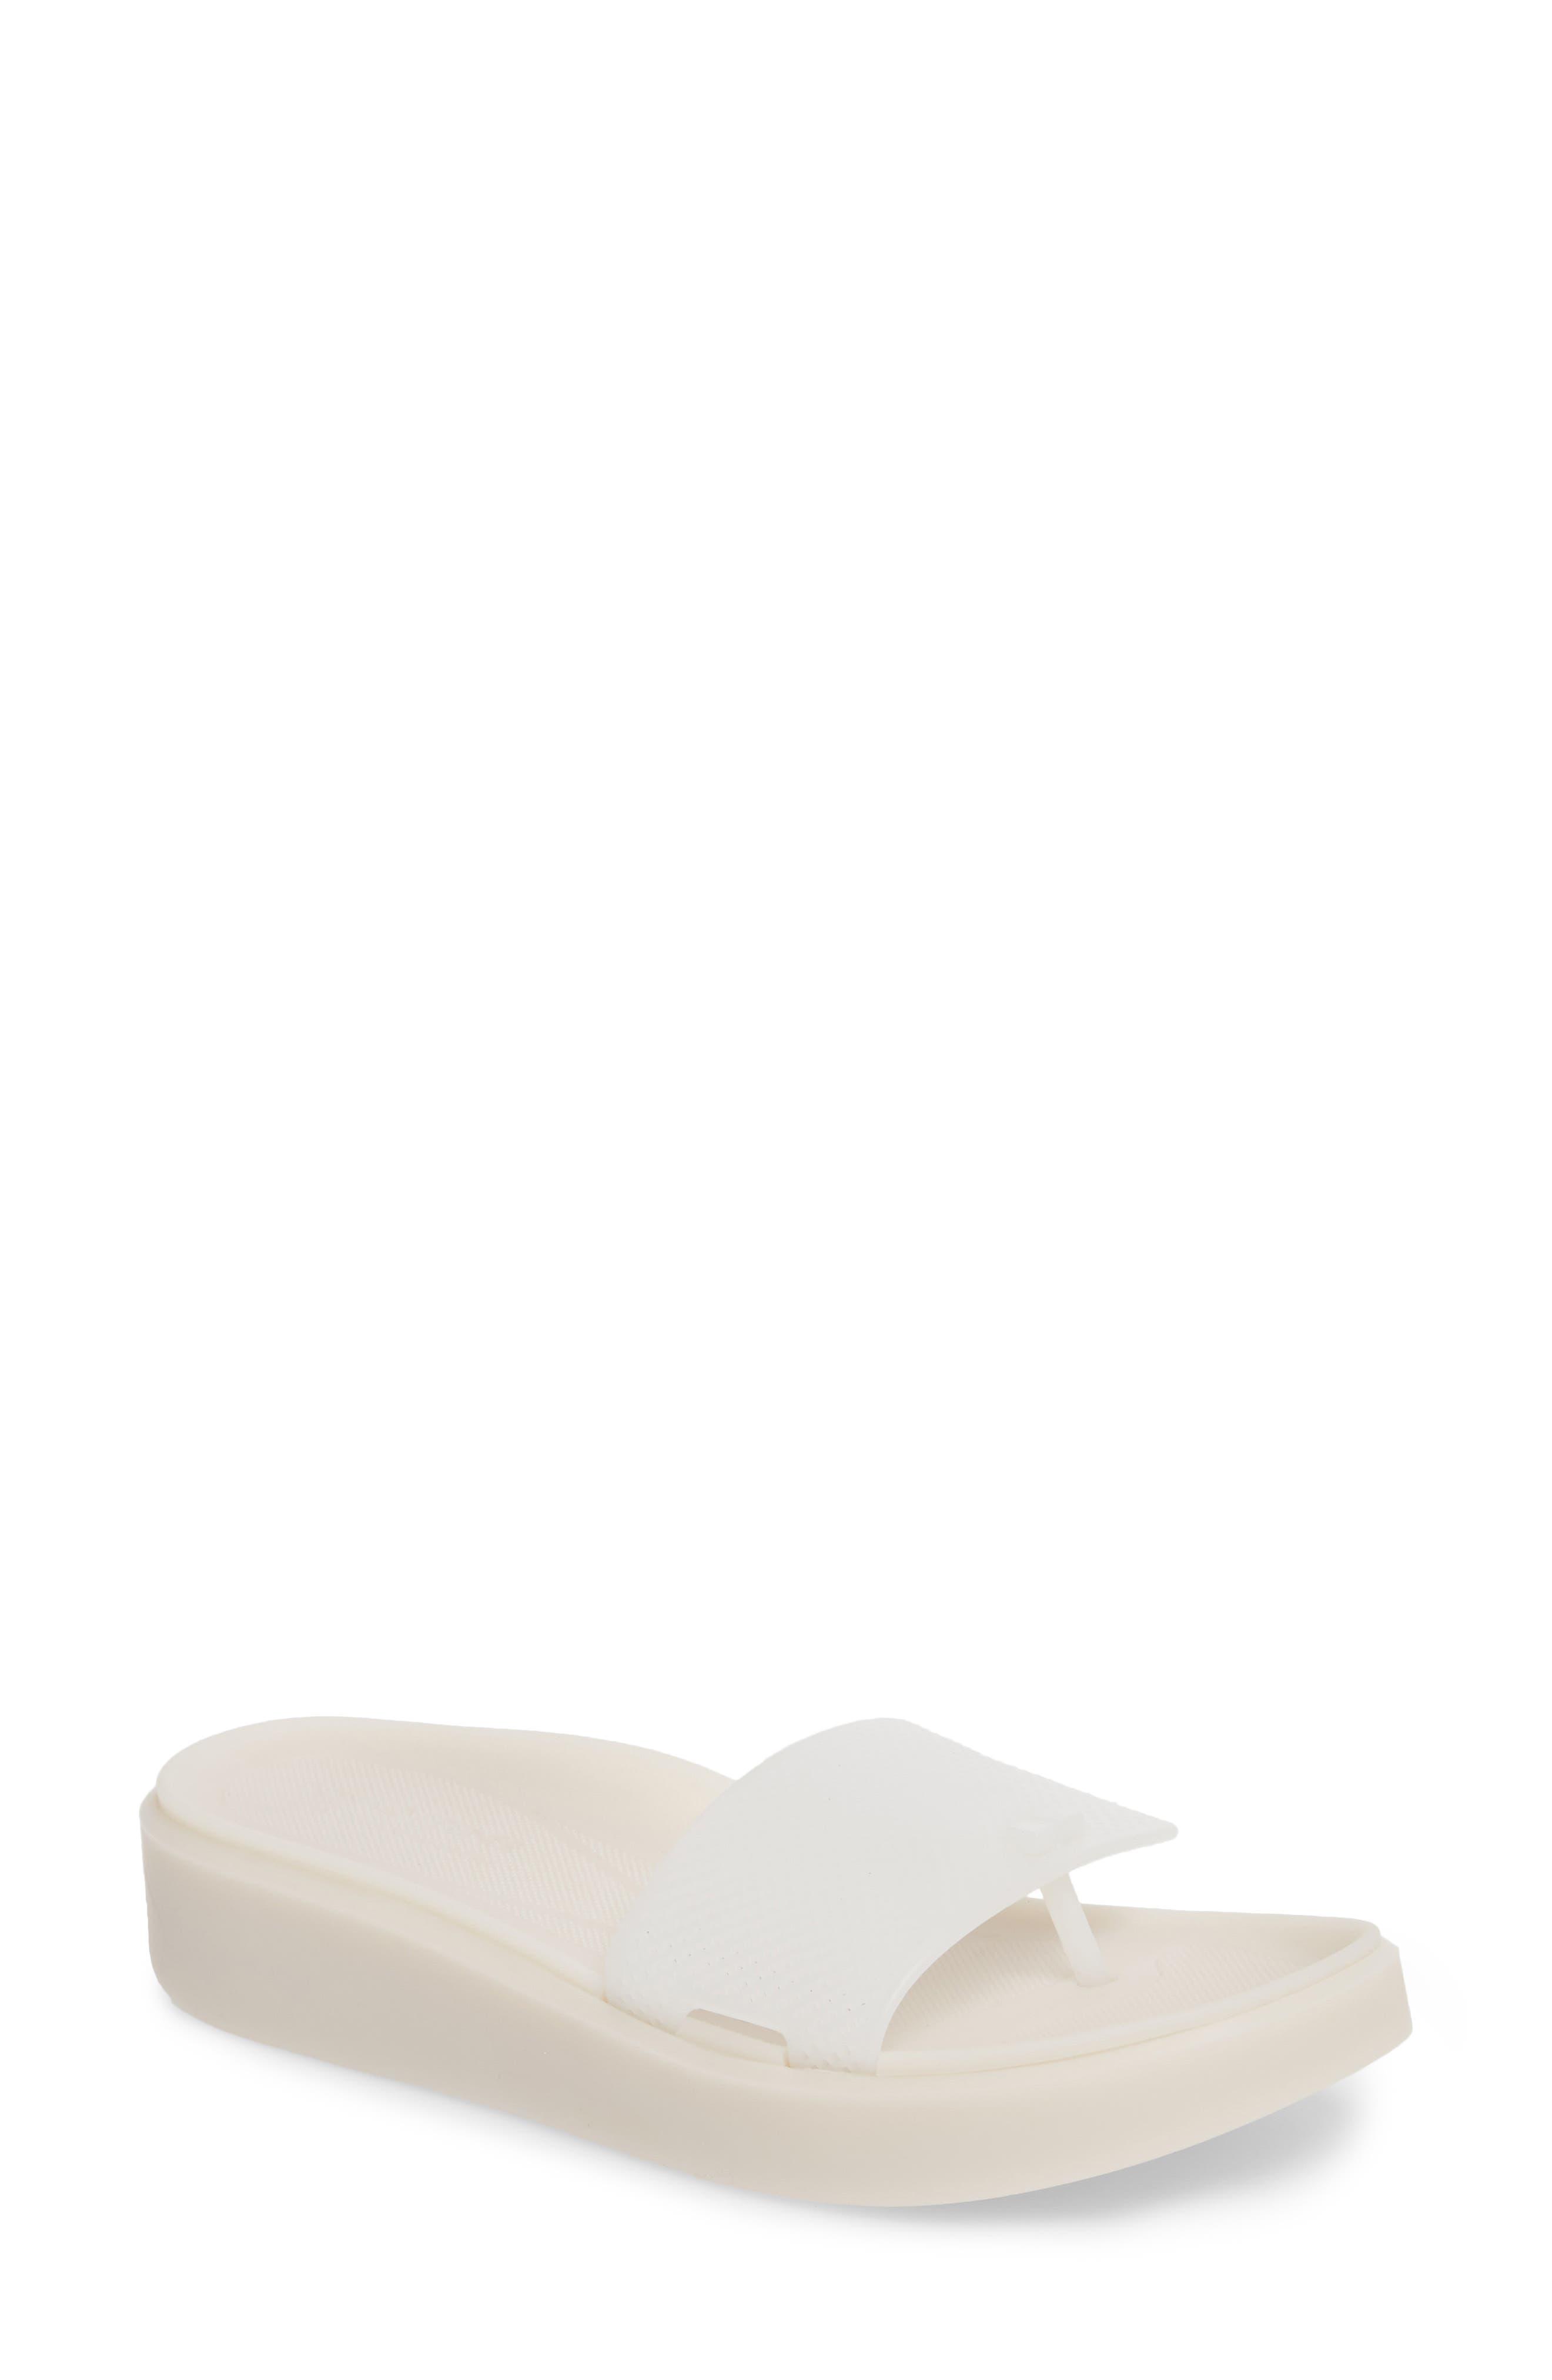 Bondi Jelly Slide Sandal,                         Main,                         color, 100